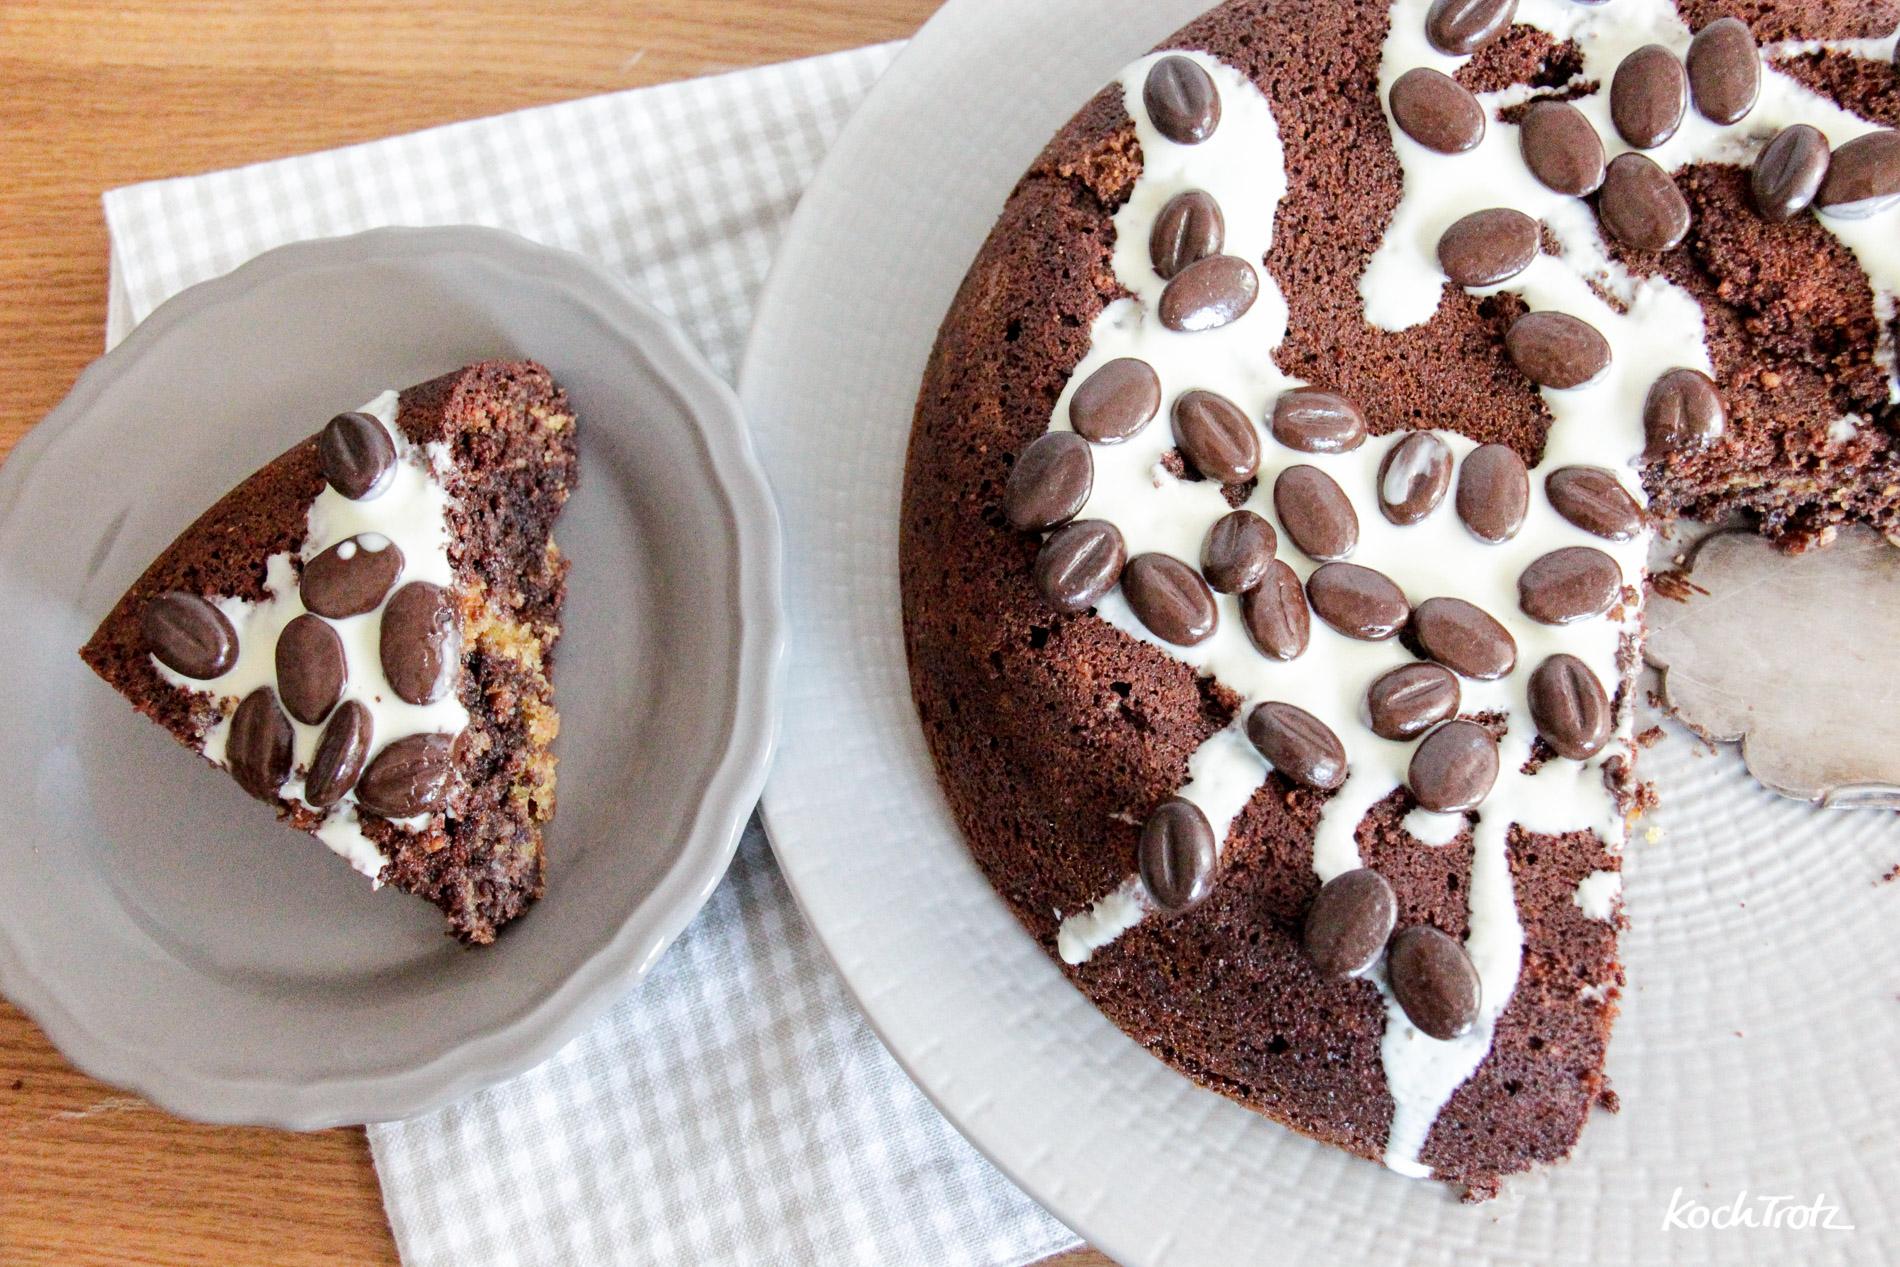 campingkuchen-marmorkuchen-in-der-pfanne-auf-dem-herd-gebacken-glutenfrei-mehlfrei-9